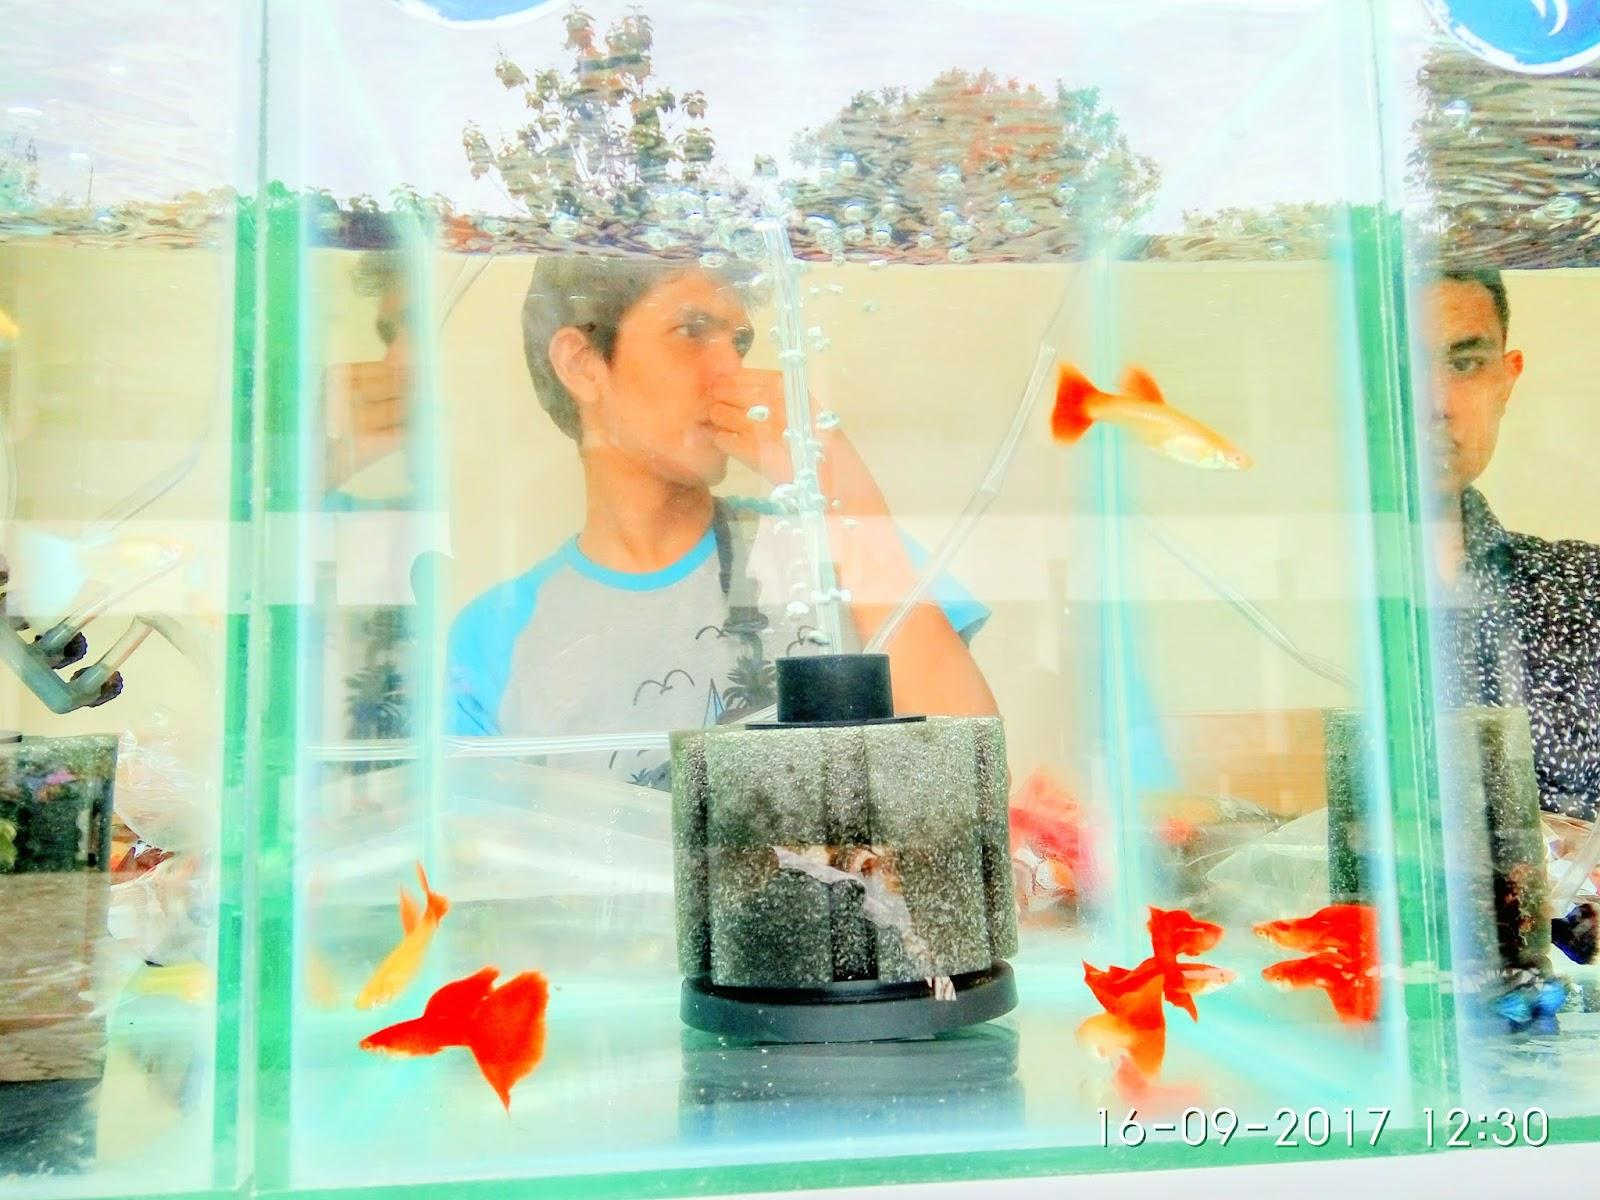 Ukm Mpv Wana Adakan Kontest Ikan Cupang Besar Besaran Di Kampus Ungu Unsyiah